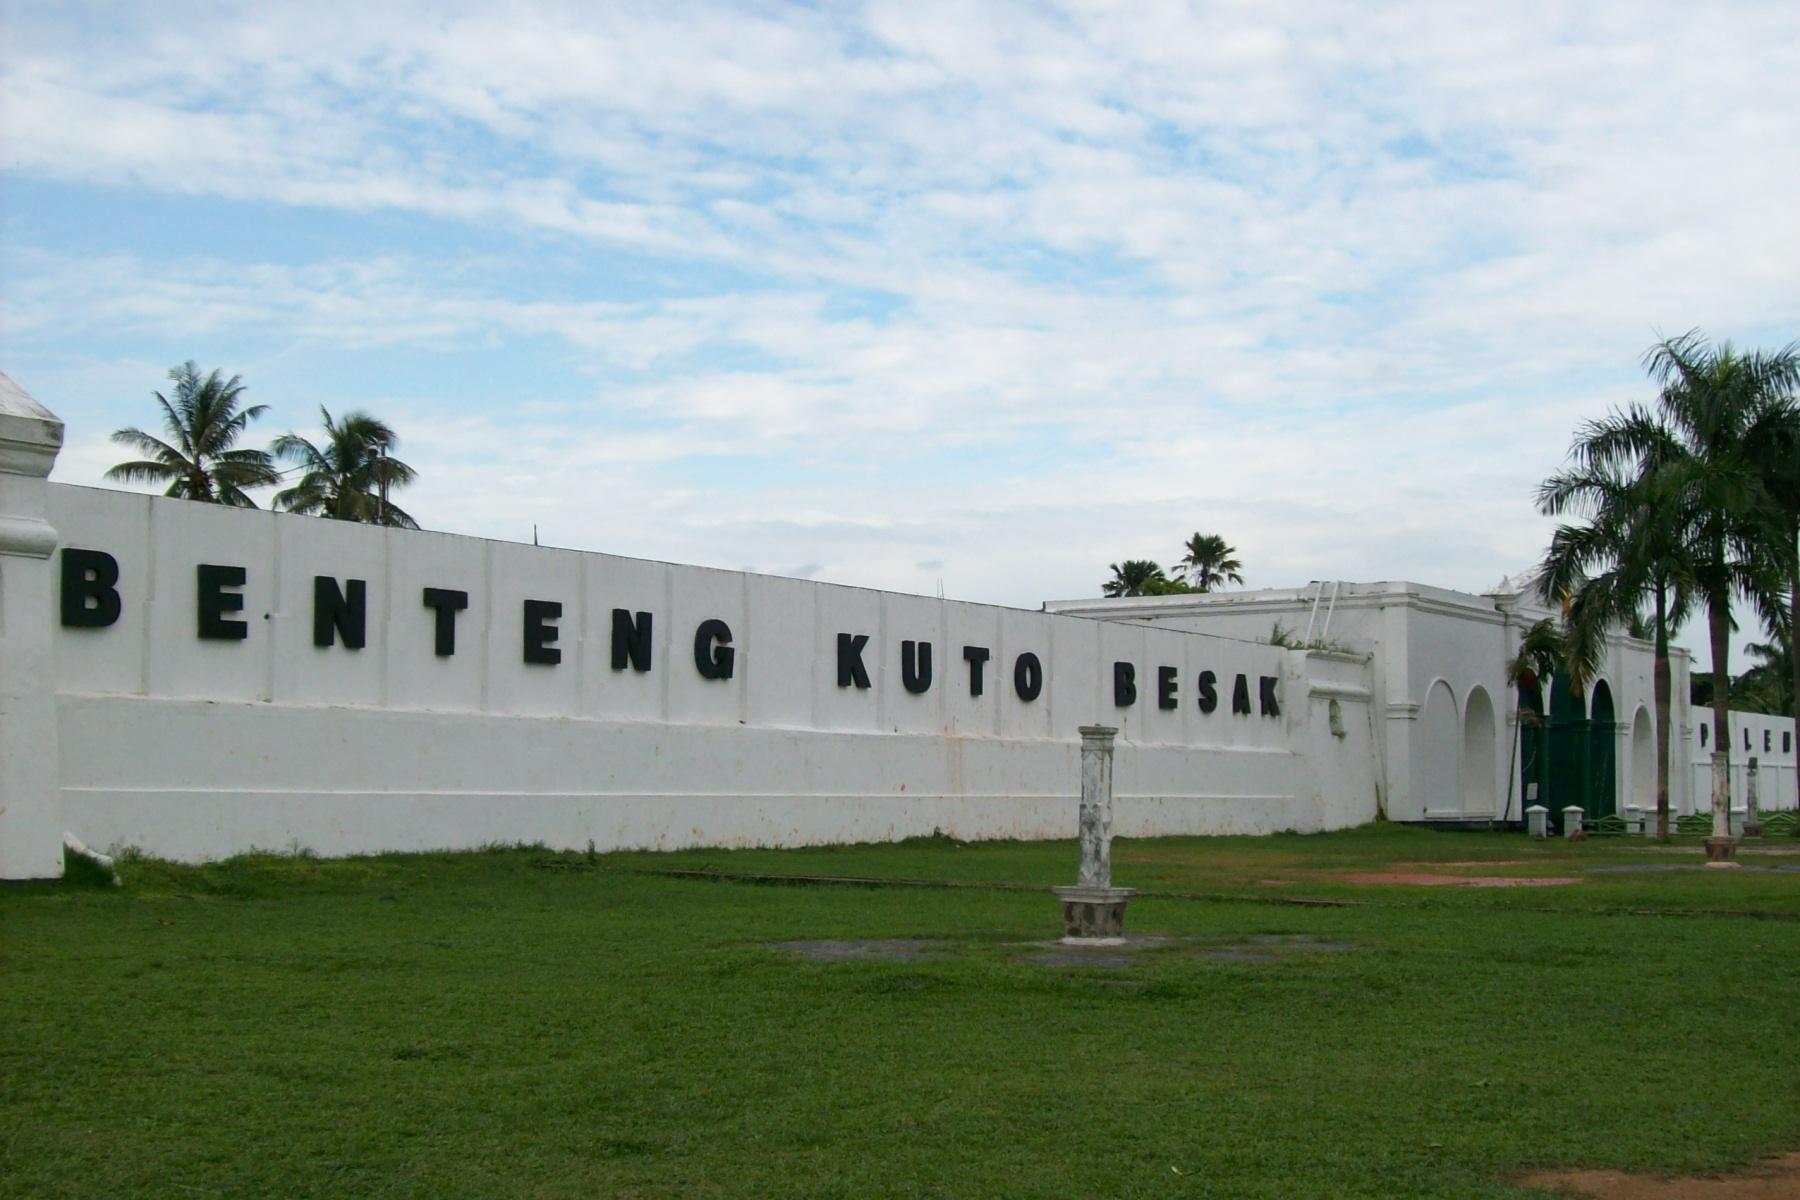 Benteng Kuto Besak Sebagai Salah Satu Destinasi Wisata yang Telah Eksis di Palembang